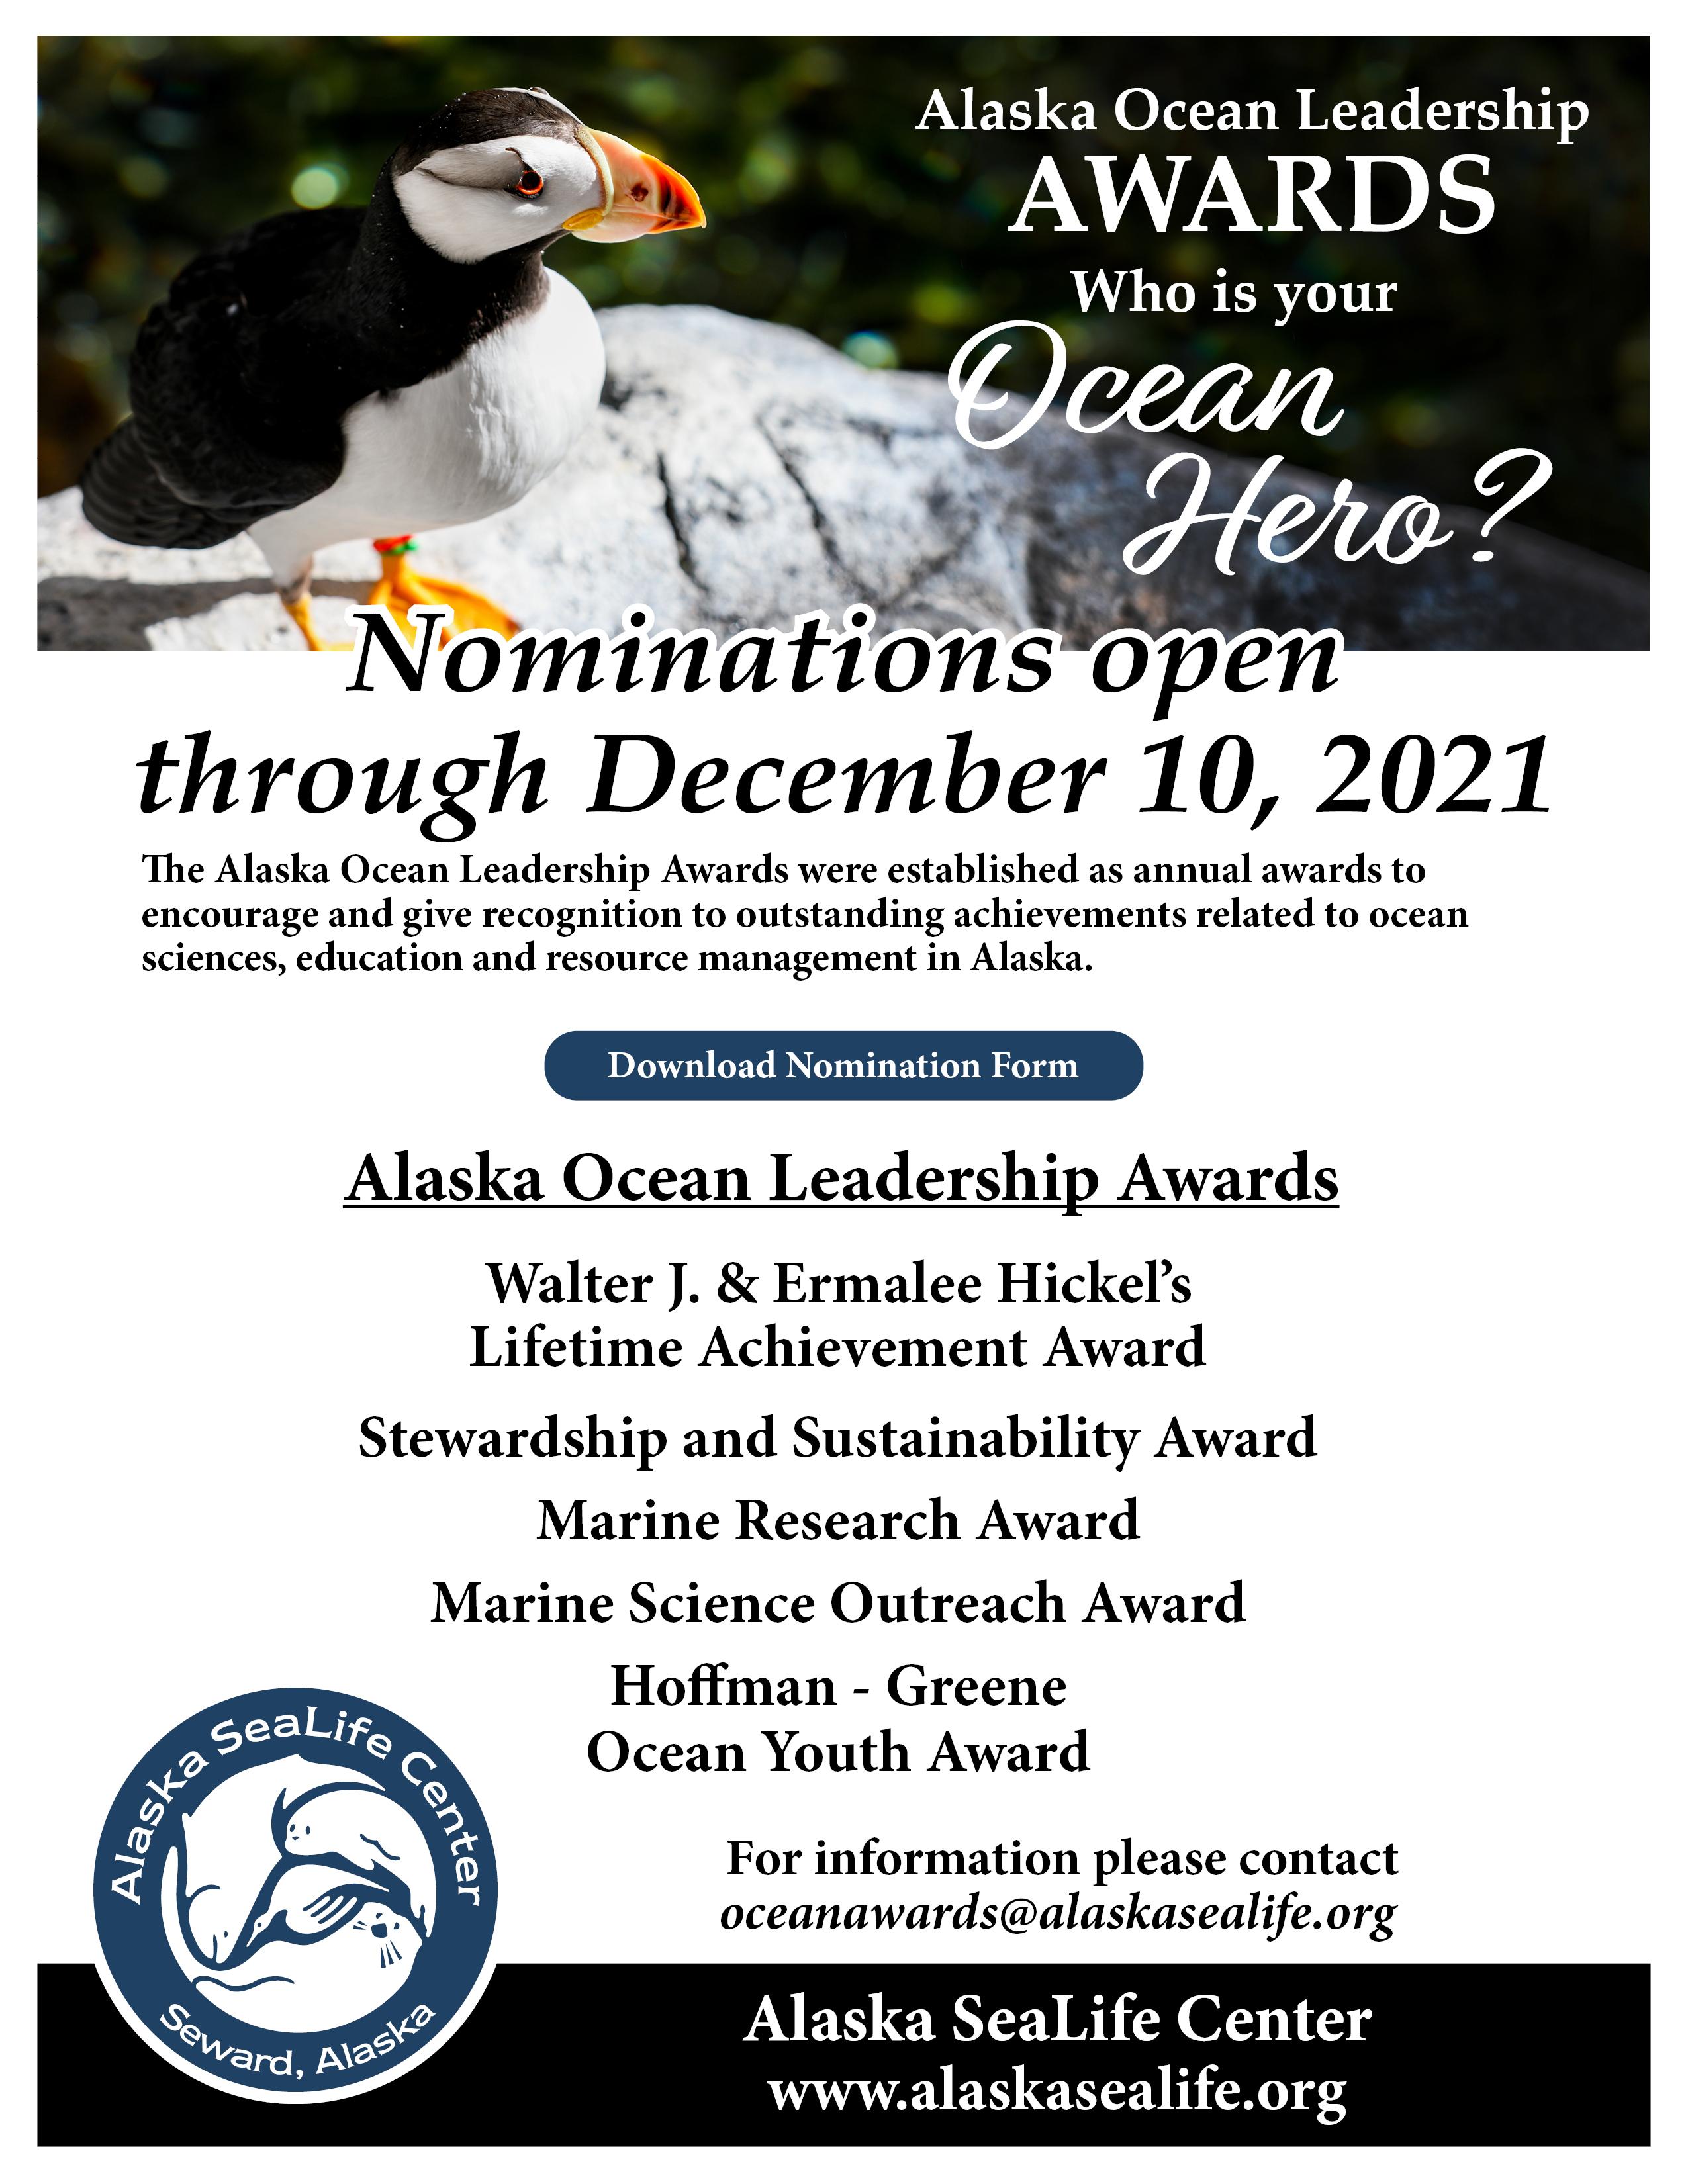 2022 Alaska Ocean Leadership Awards Nomination Form